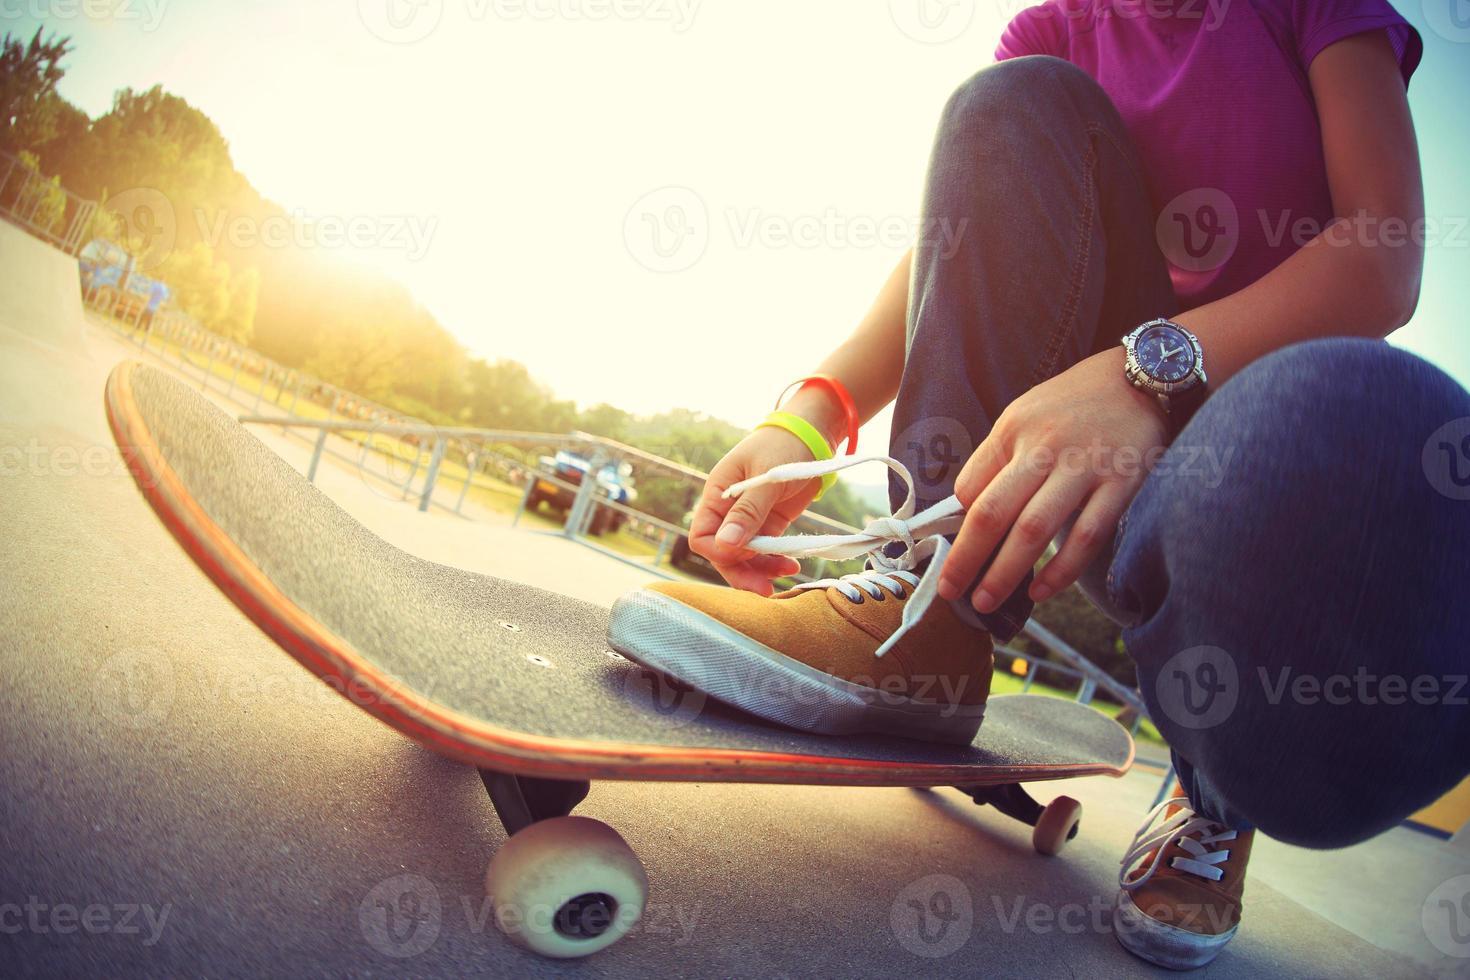 giovane skateboarder asiatico legare i lacci delle scarpe su skateboard foto